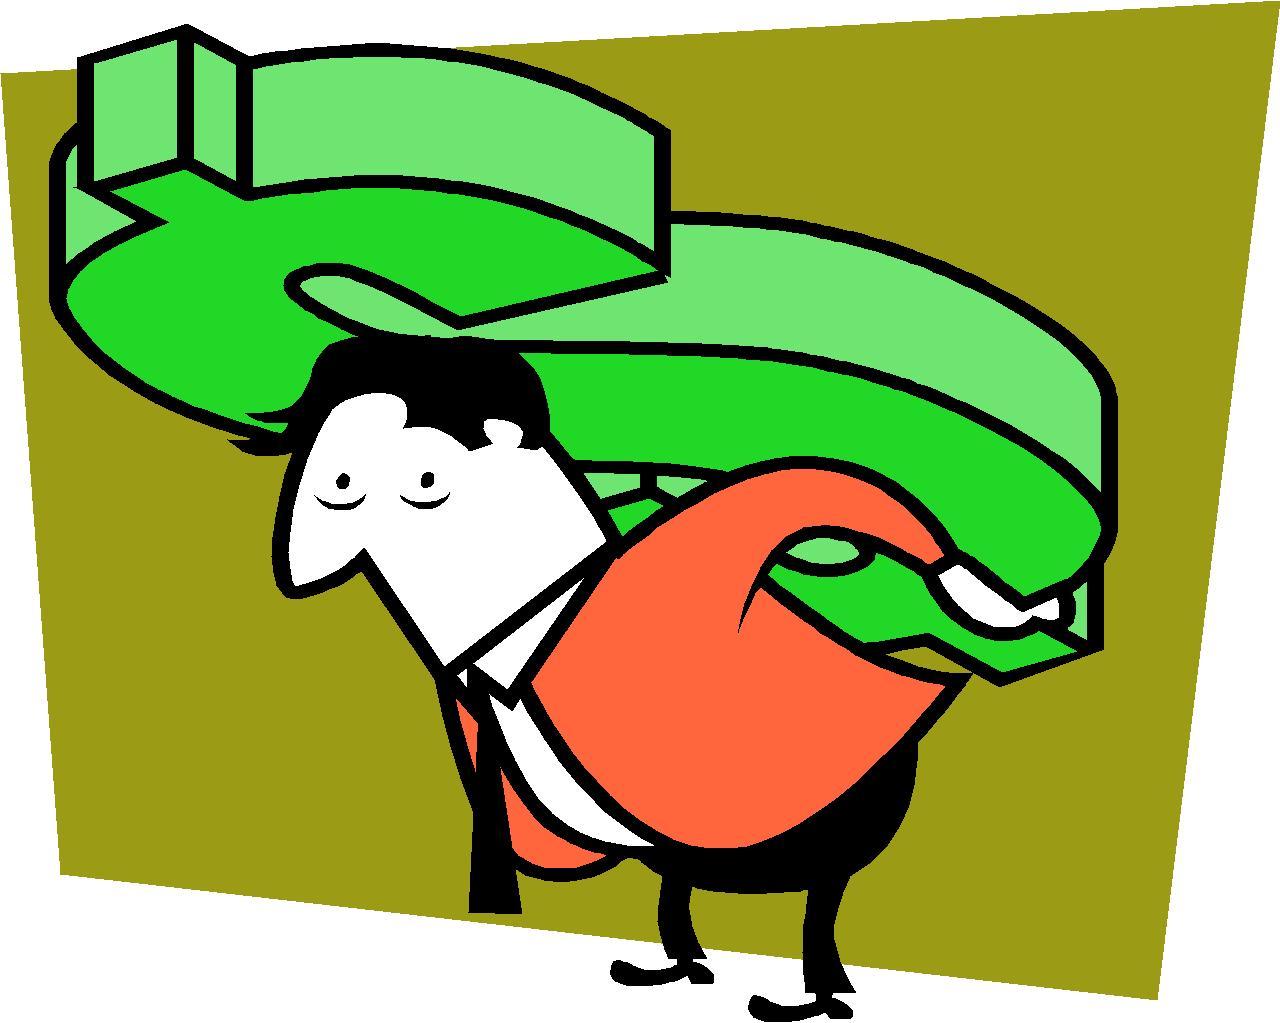 Nợ nần chính là yếu tố quan trọng nhất cần phải cân nhắc khi mua ô tô trả góp. Ảnh: www.vote29.com